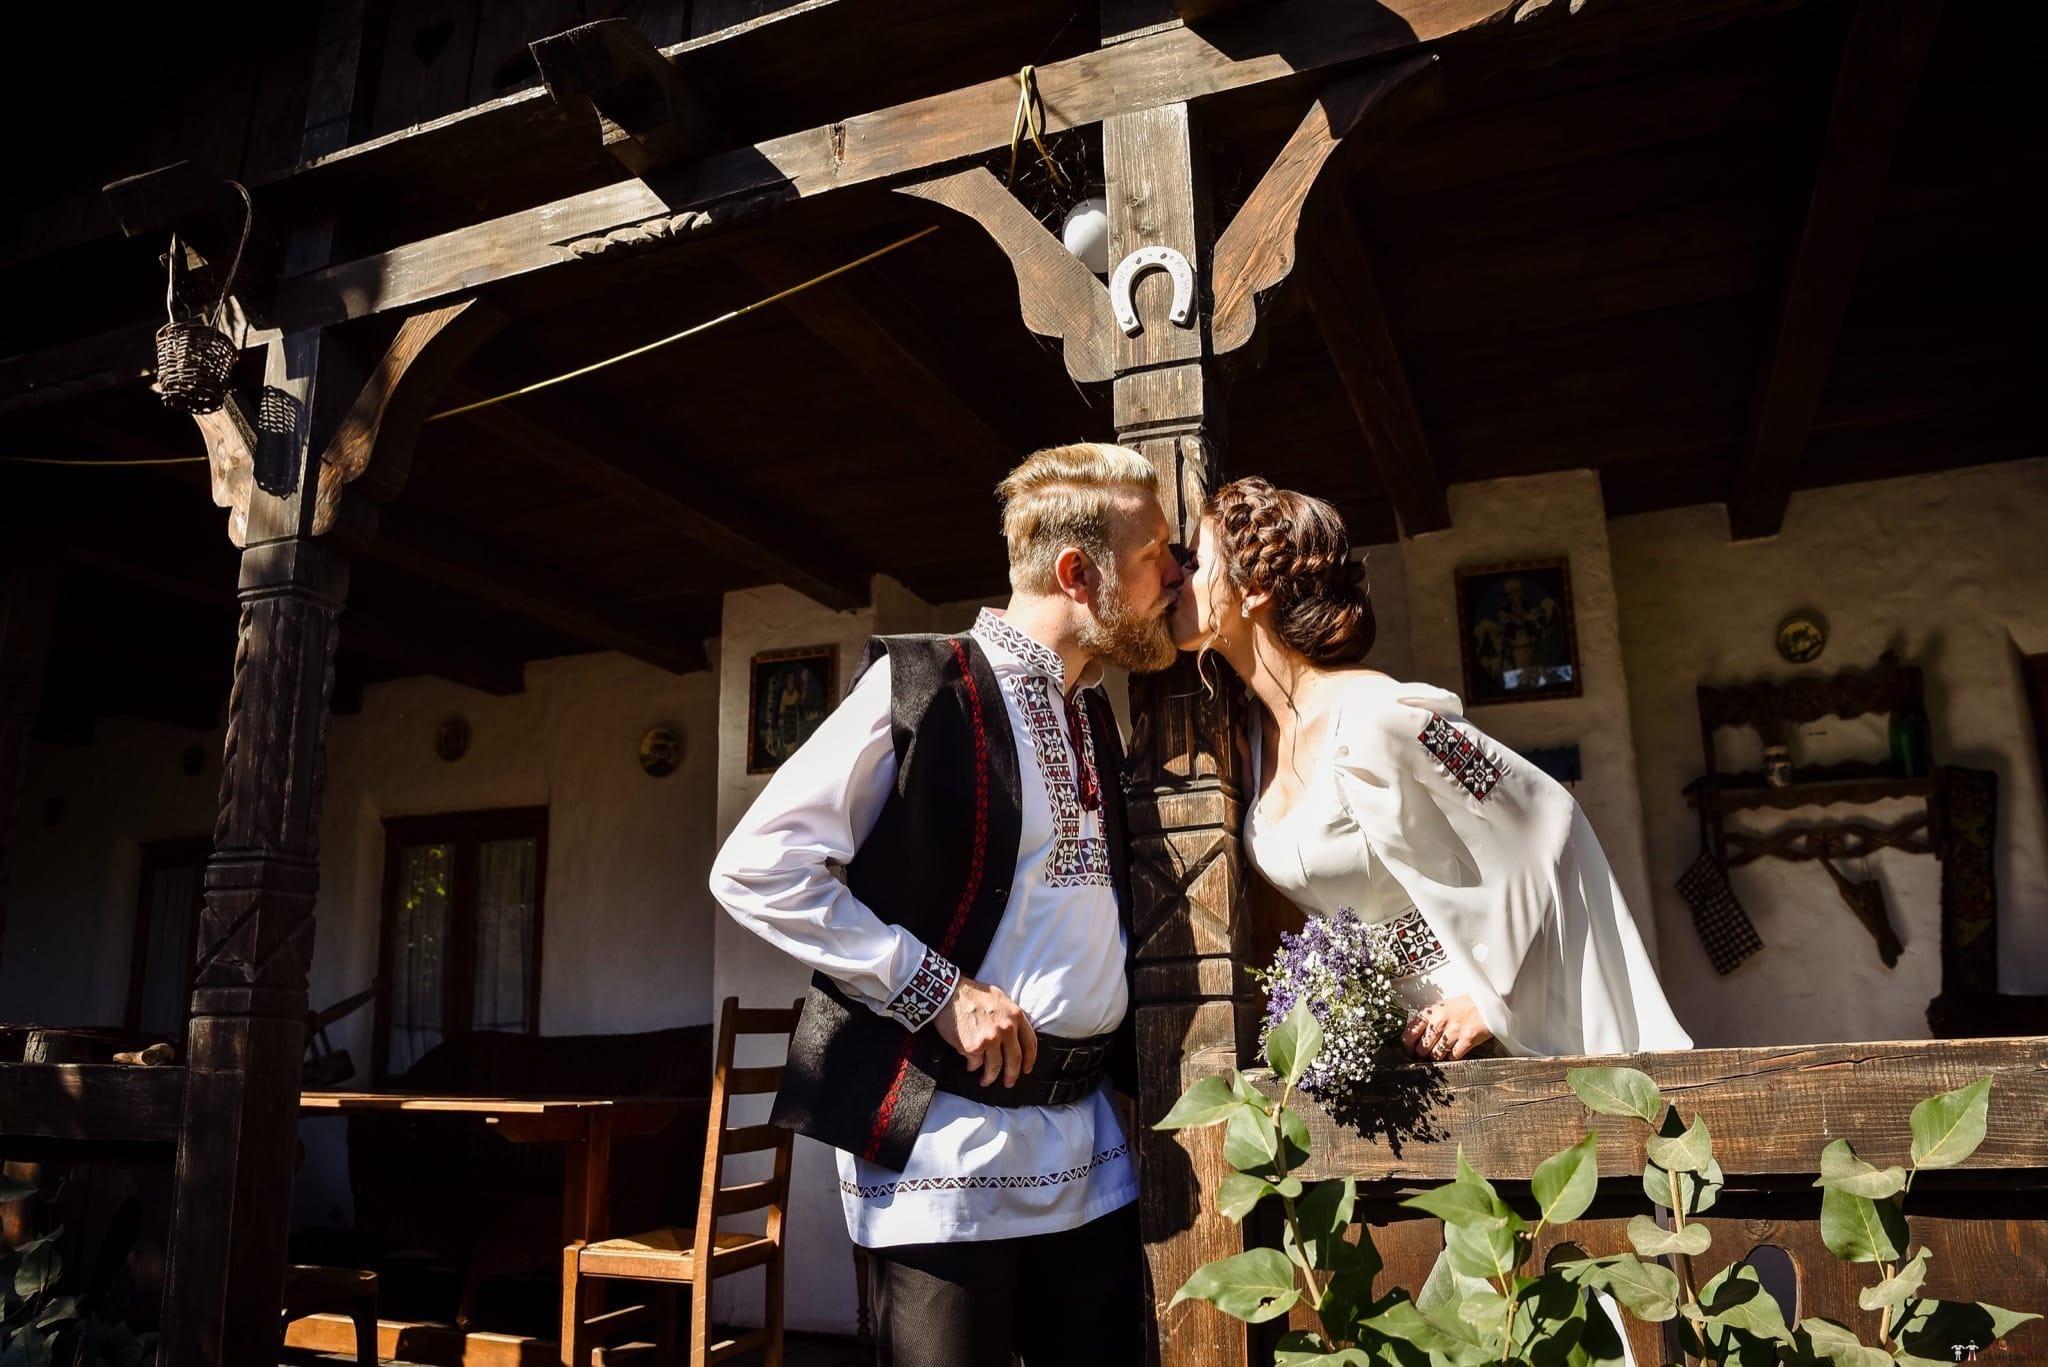 Povești Nunți Tradiționale - Georgiana și Andrei, nuntă tradițională în Iași 17